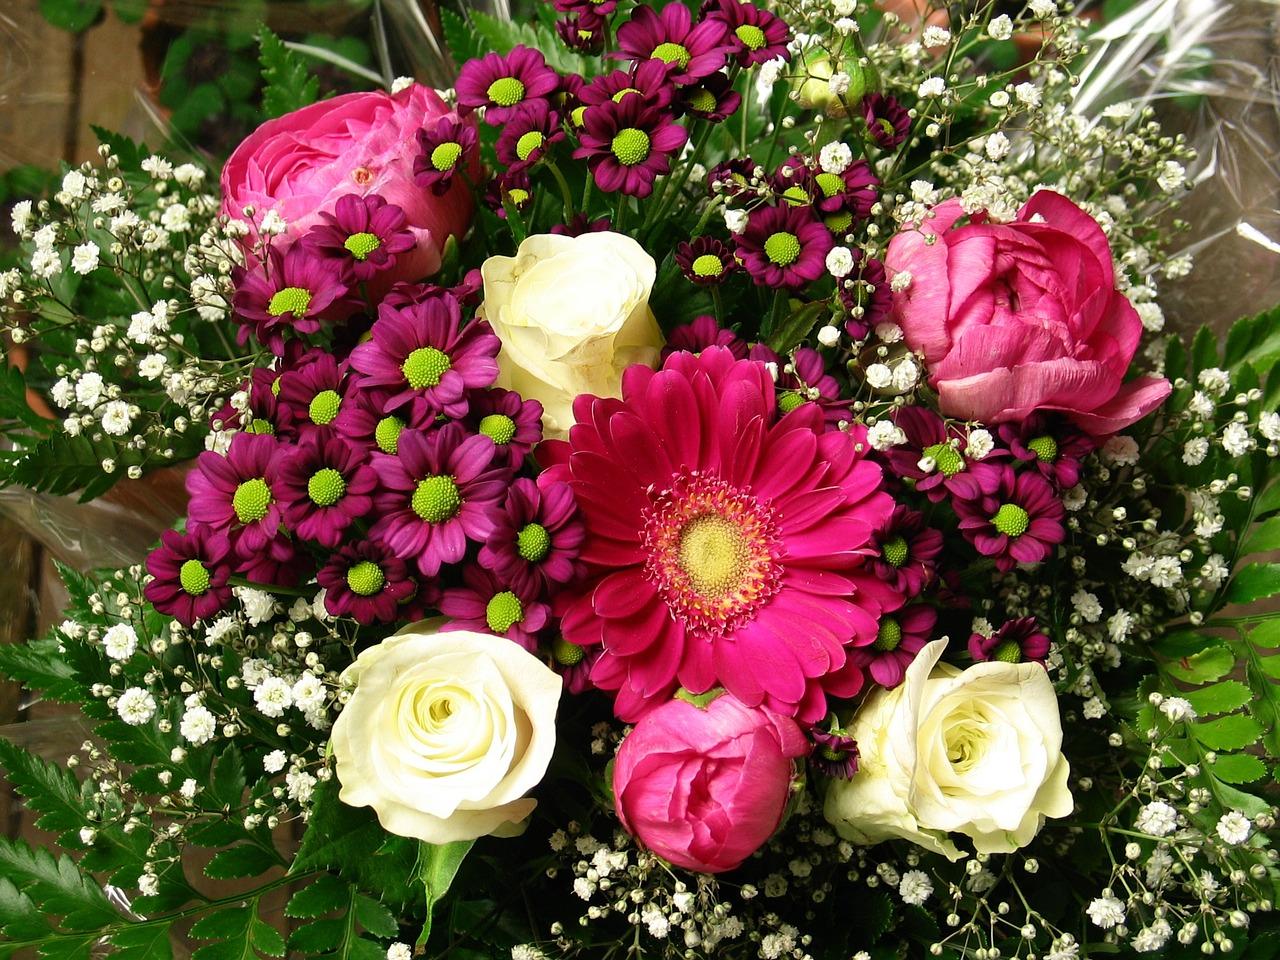 красивые картинки букетов цветов на день рождения всего